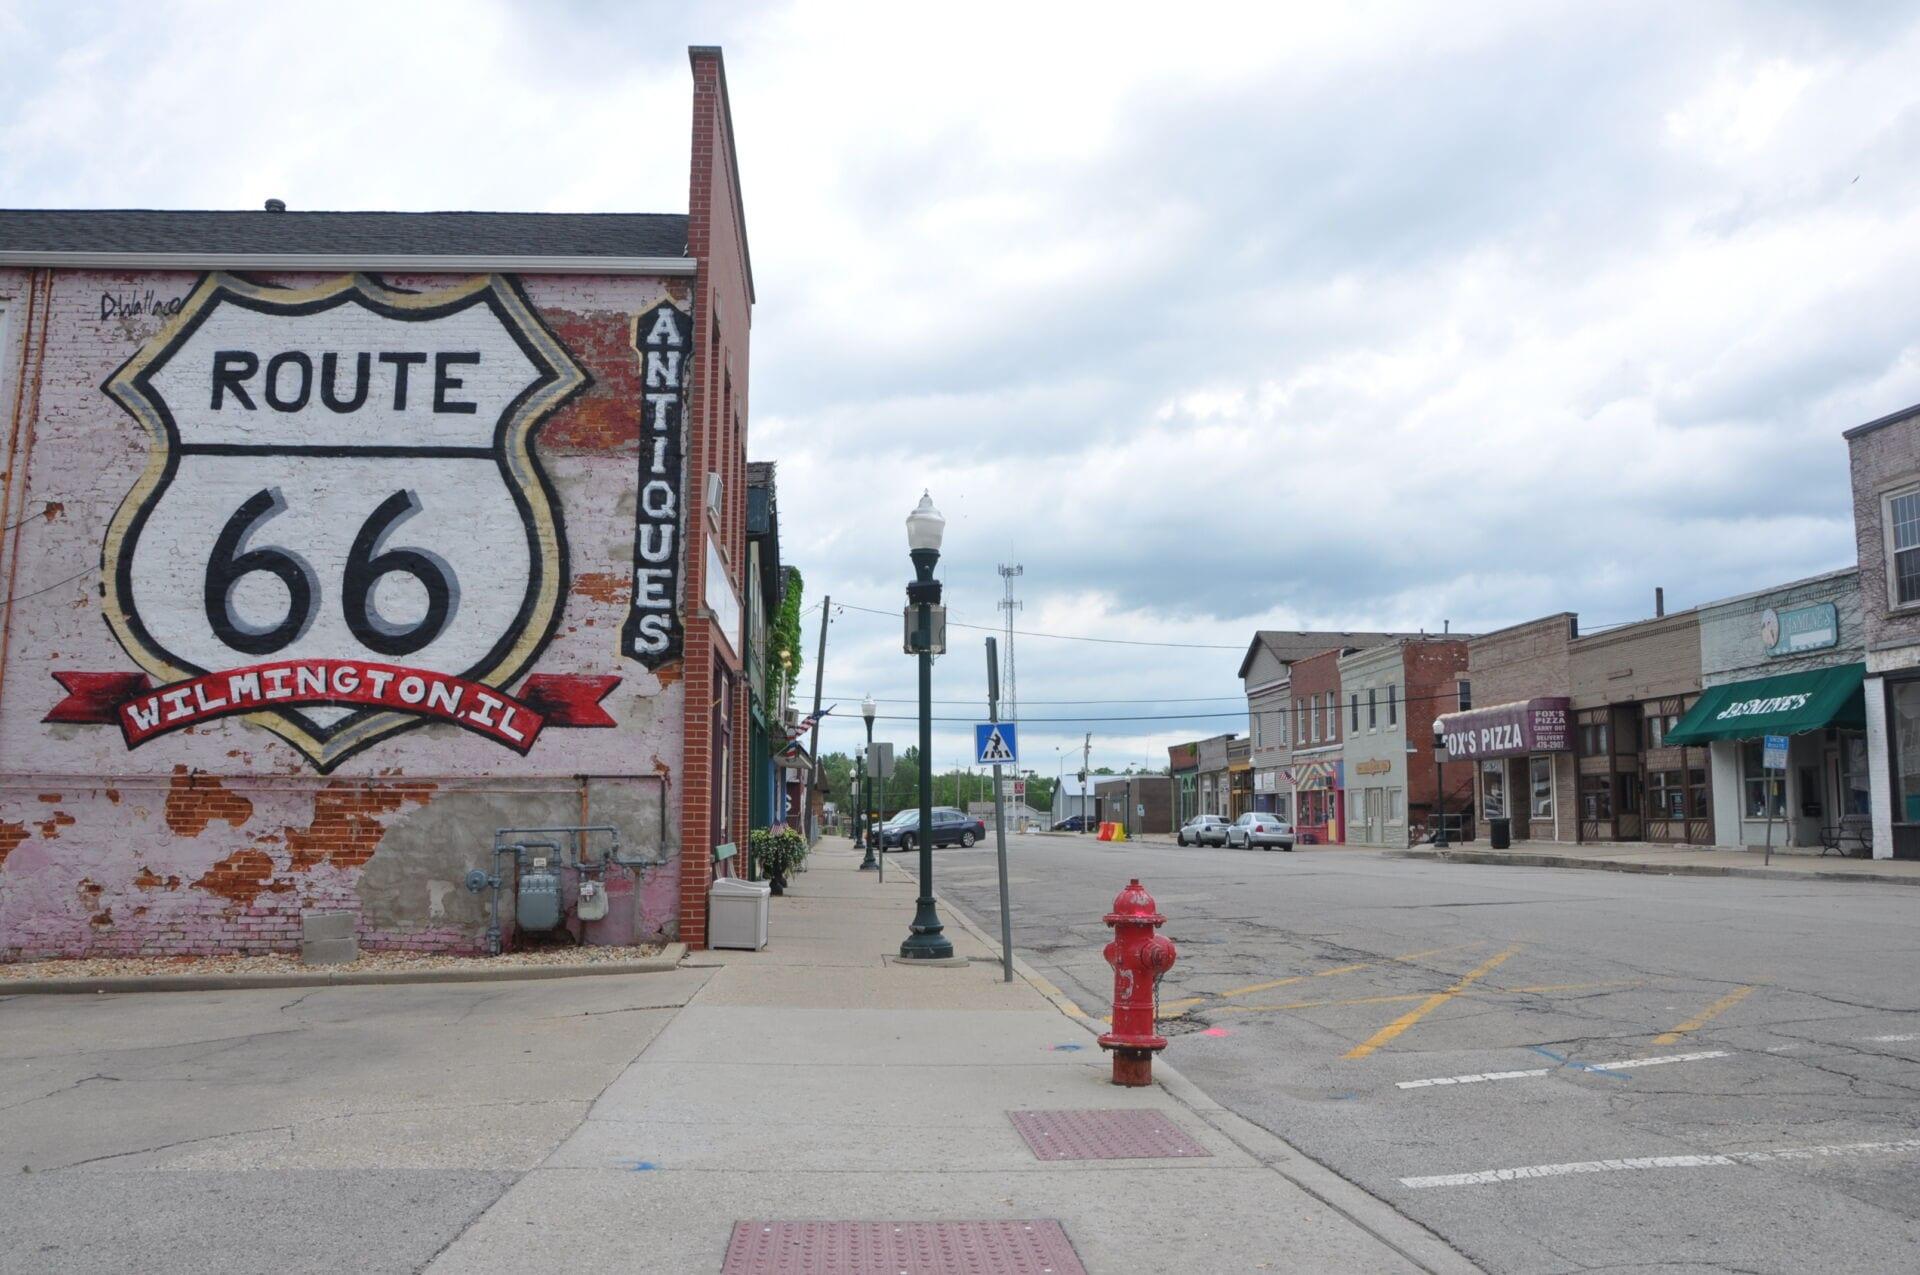 Wilmington Route 66 Illinois